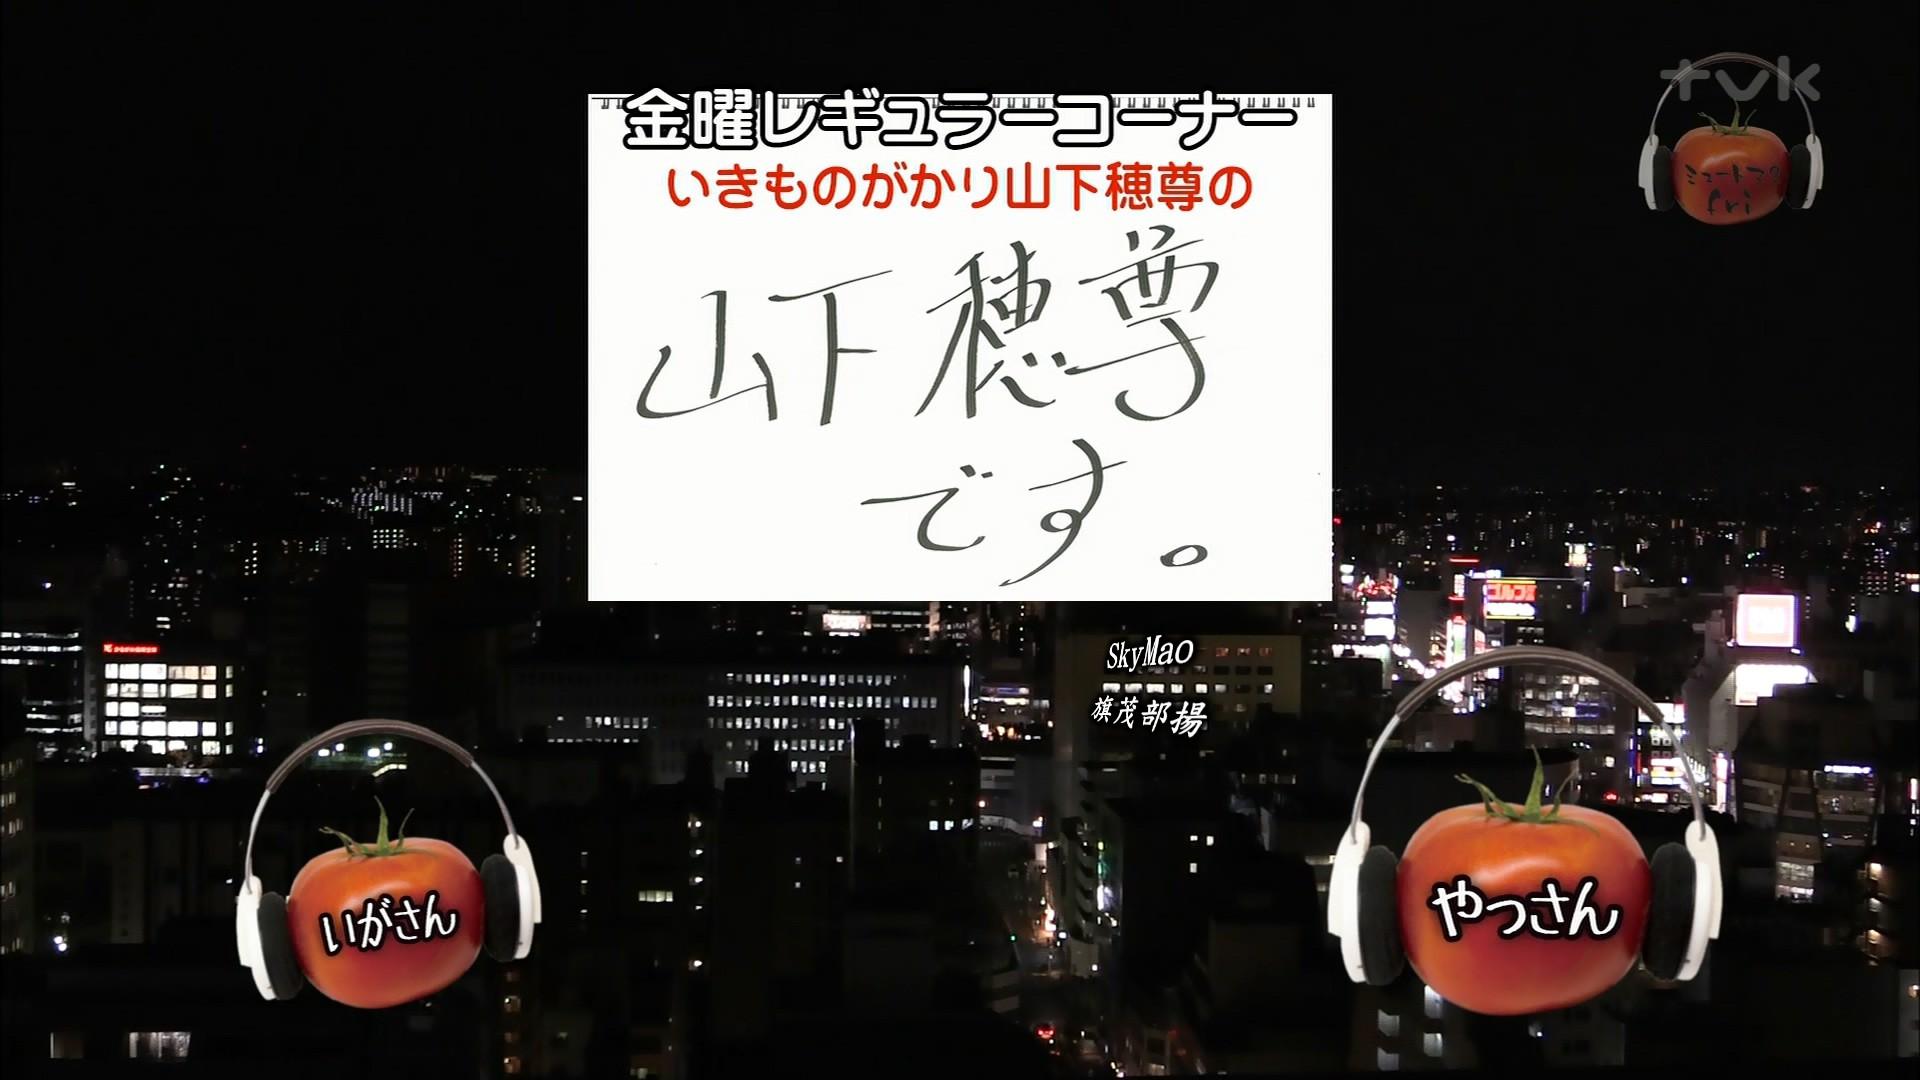 2017.09.15 全場(ミュートマ2).ts_20170916_000840.195